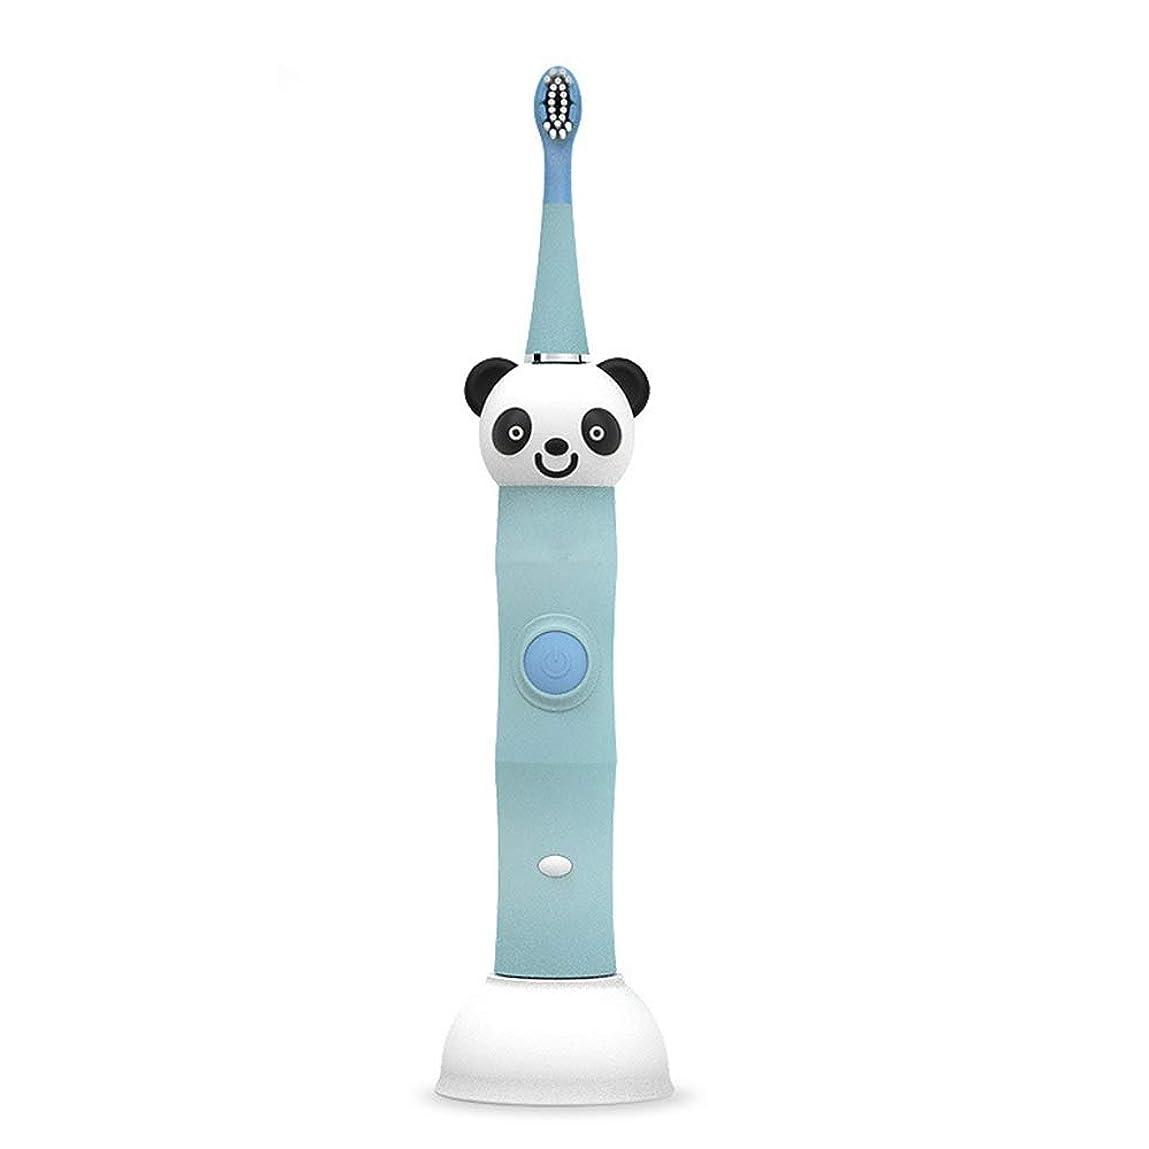 思慮のない液化する質量電動歯ブラシ USBの充満基盤の柔らかい毛のきれいな歯ブラシと防水子供の電動歯ブラシ (色 : 青, サイズ : Free size)